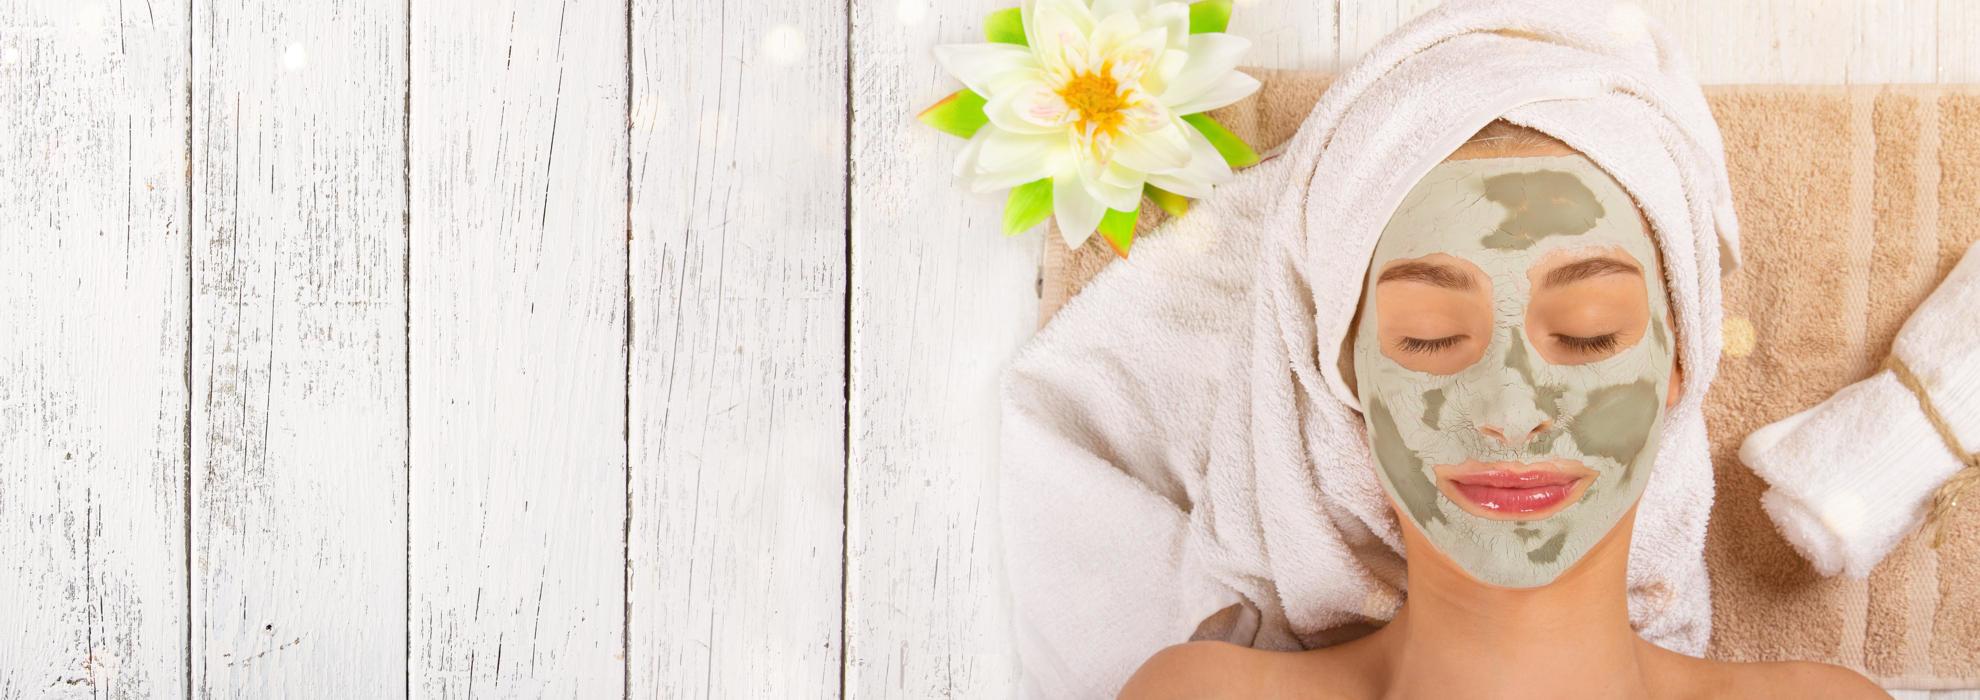 Hyaluronsäure für schöne Haut & gesunde Gelenke